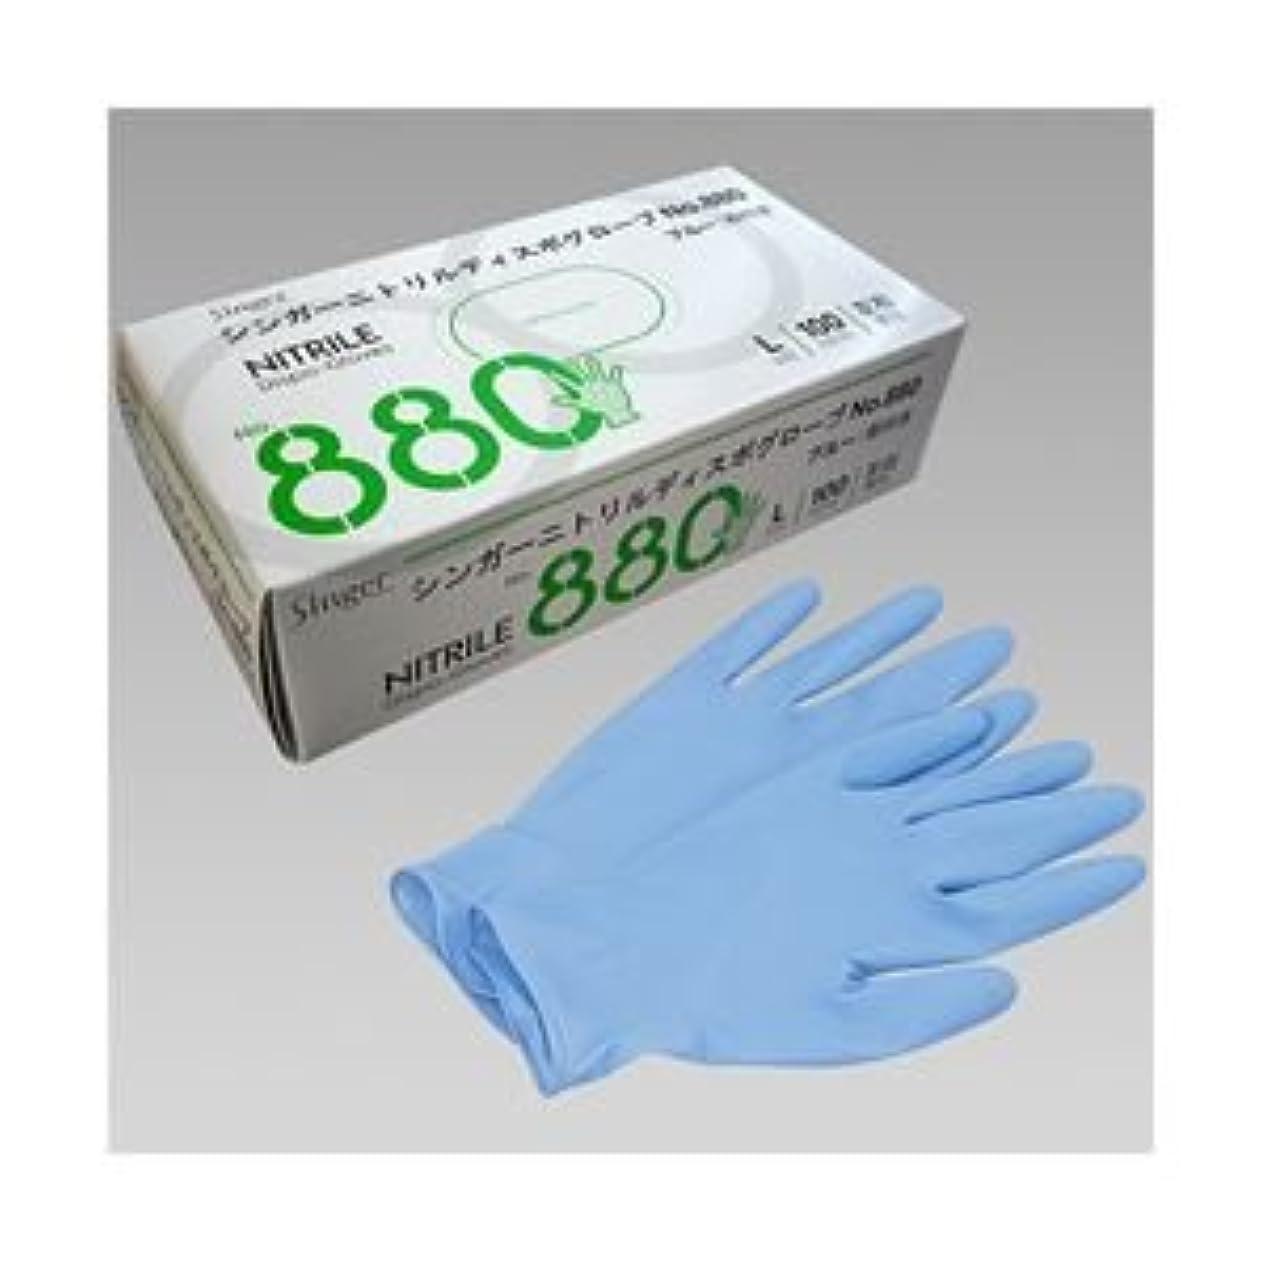 コークス路面電車遊び場宇都宮製作 ニトリル手袋 粉付き ブルー L 1箱(100枚) ×5セット